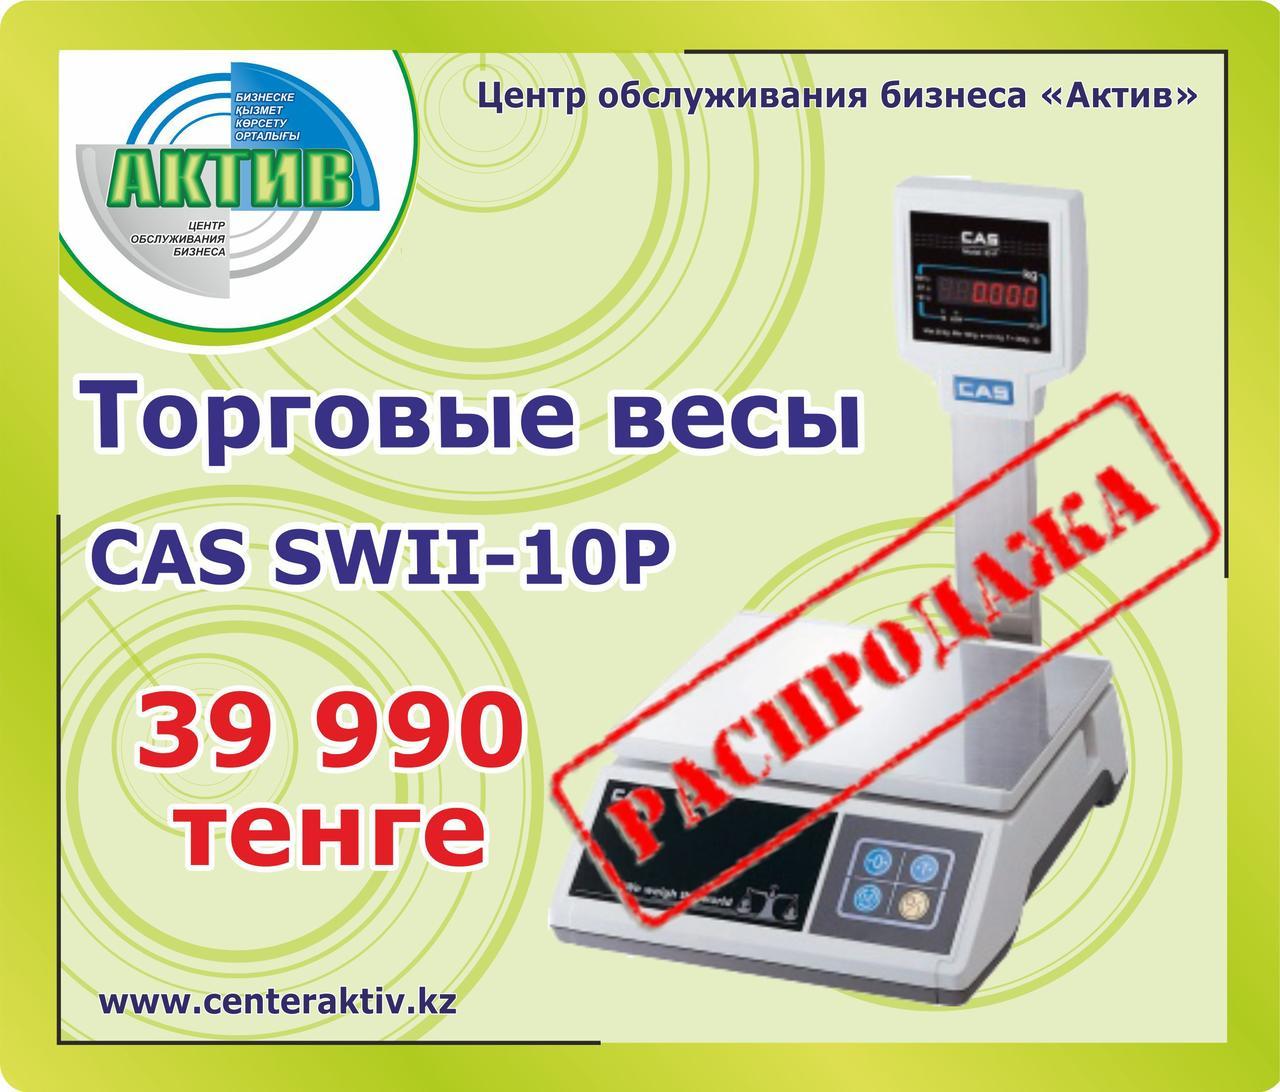 Торговые настольные  весы CAS SWII-10P. Электронные, порционные.